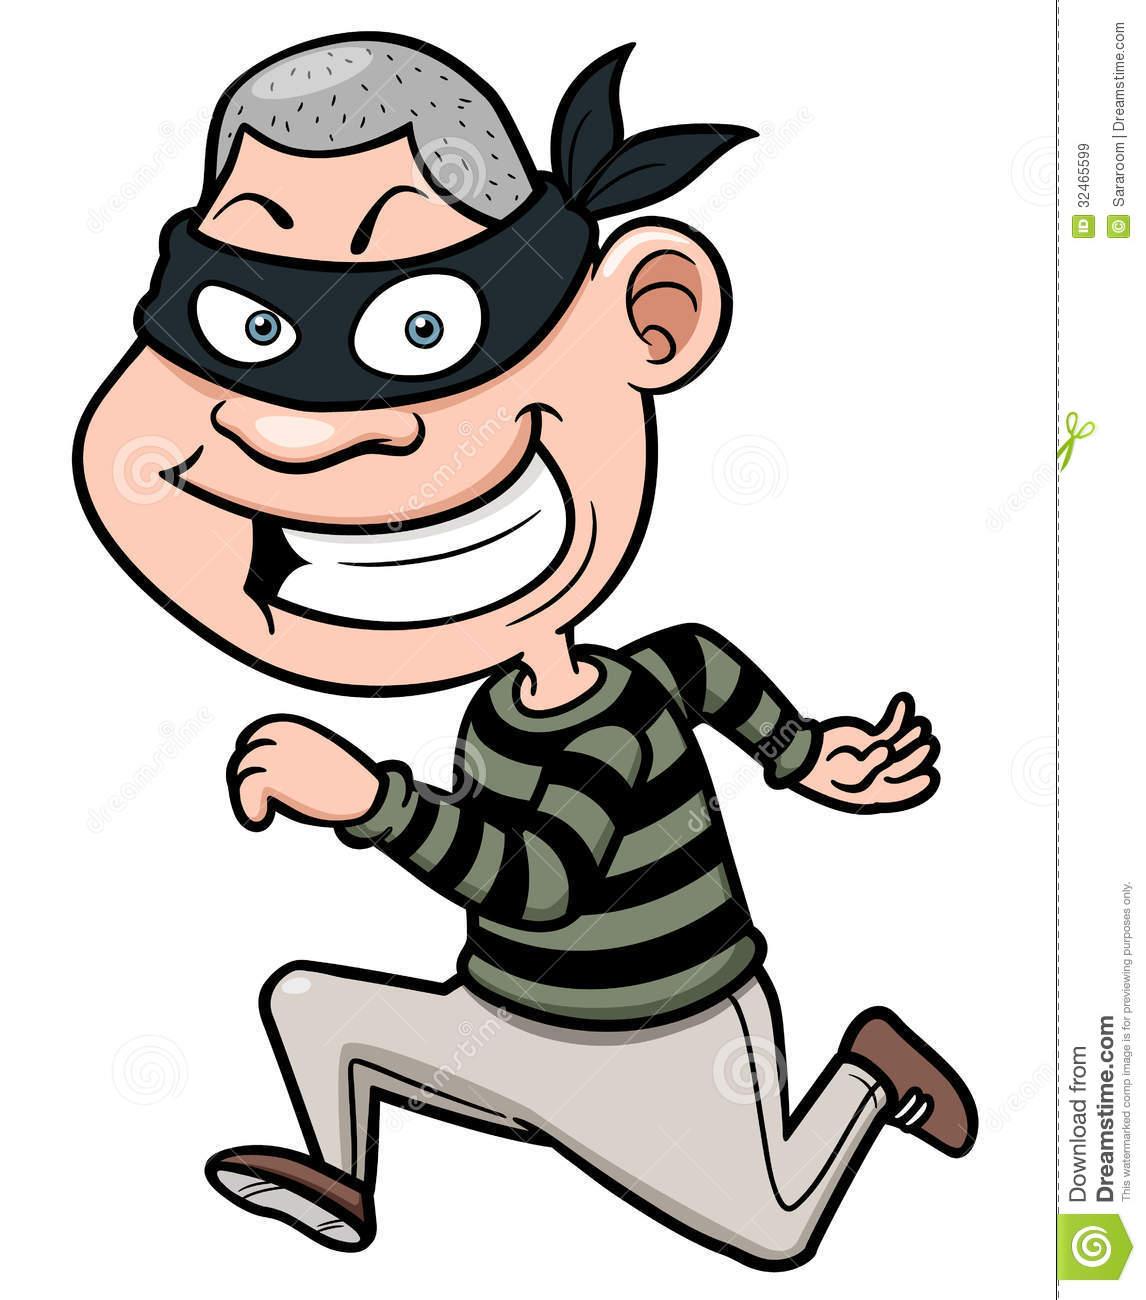 Thief Cartoon Clipart - Clipart Kid